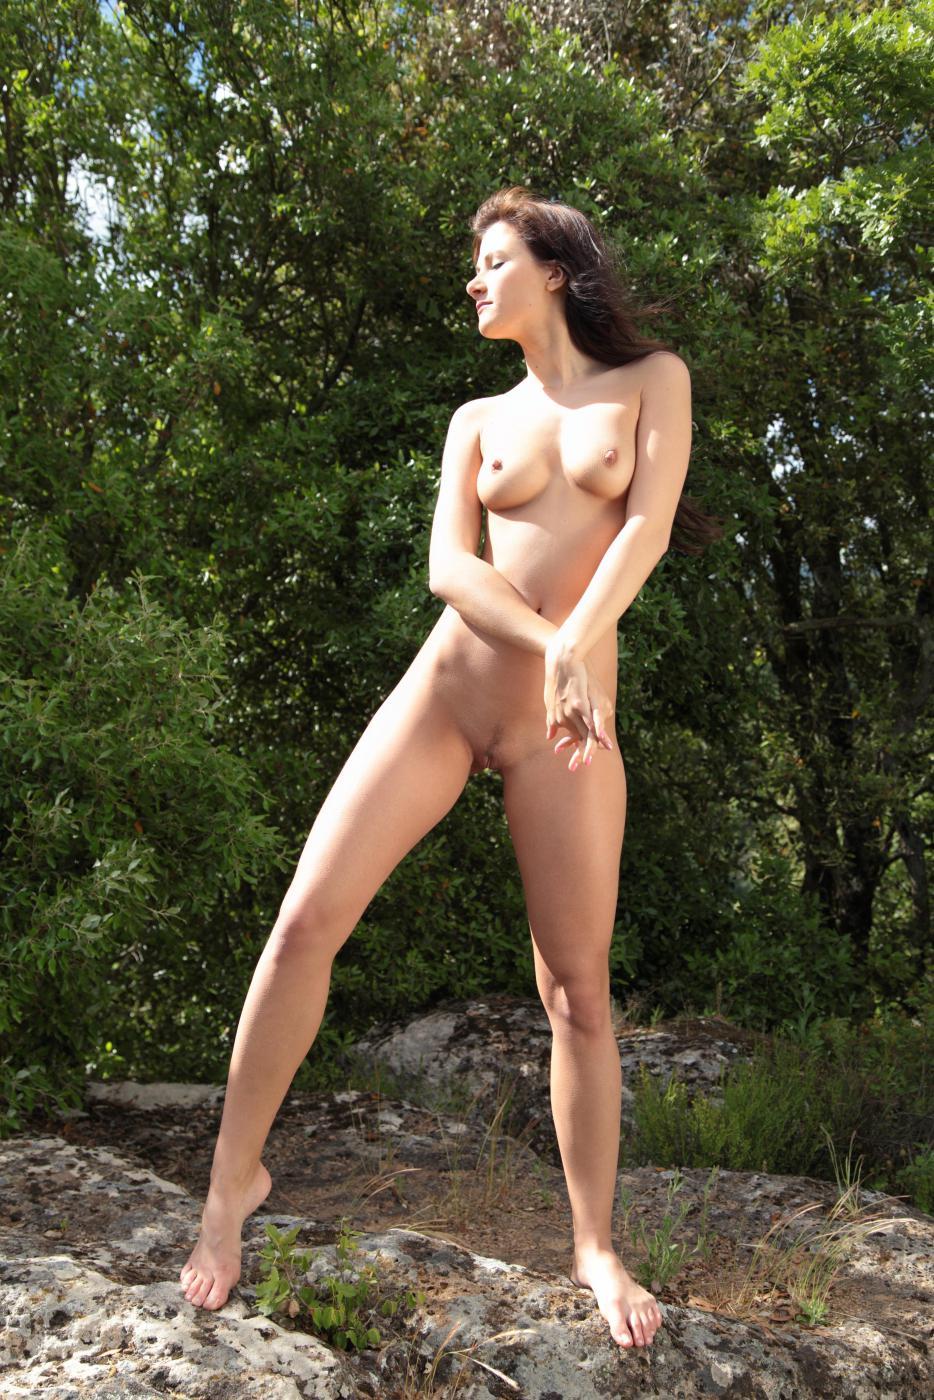 Горячая детка Lauren Lace соглашается изящно сниматься голой в укромном месте